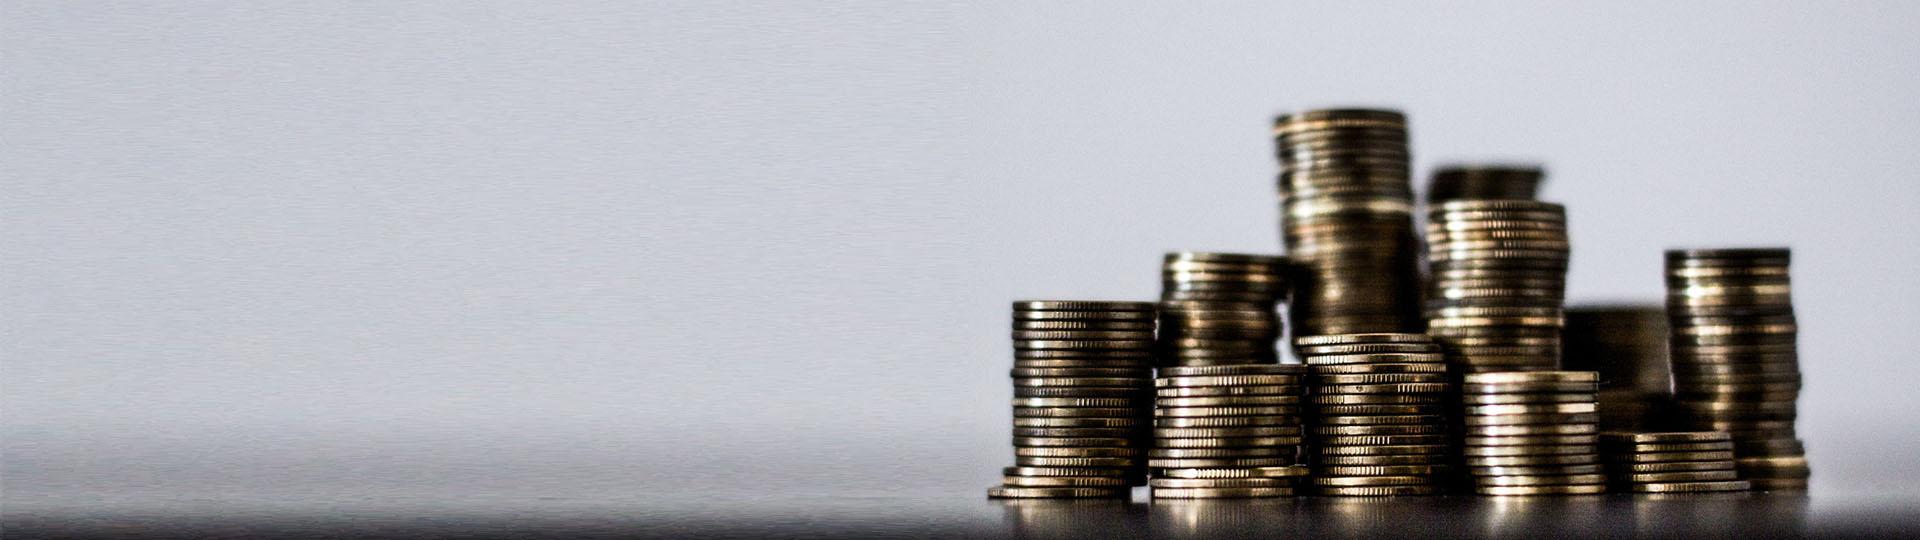 attributes slider coins 1920x540 1